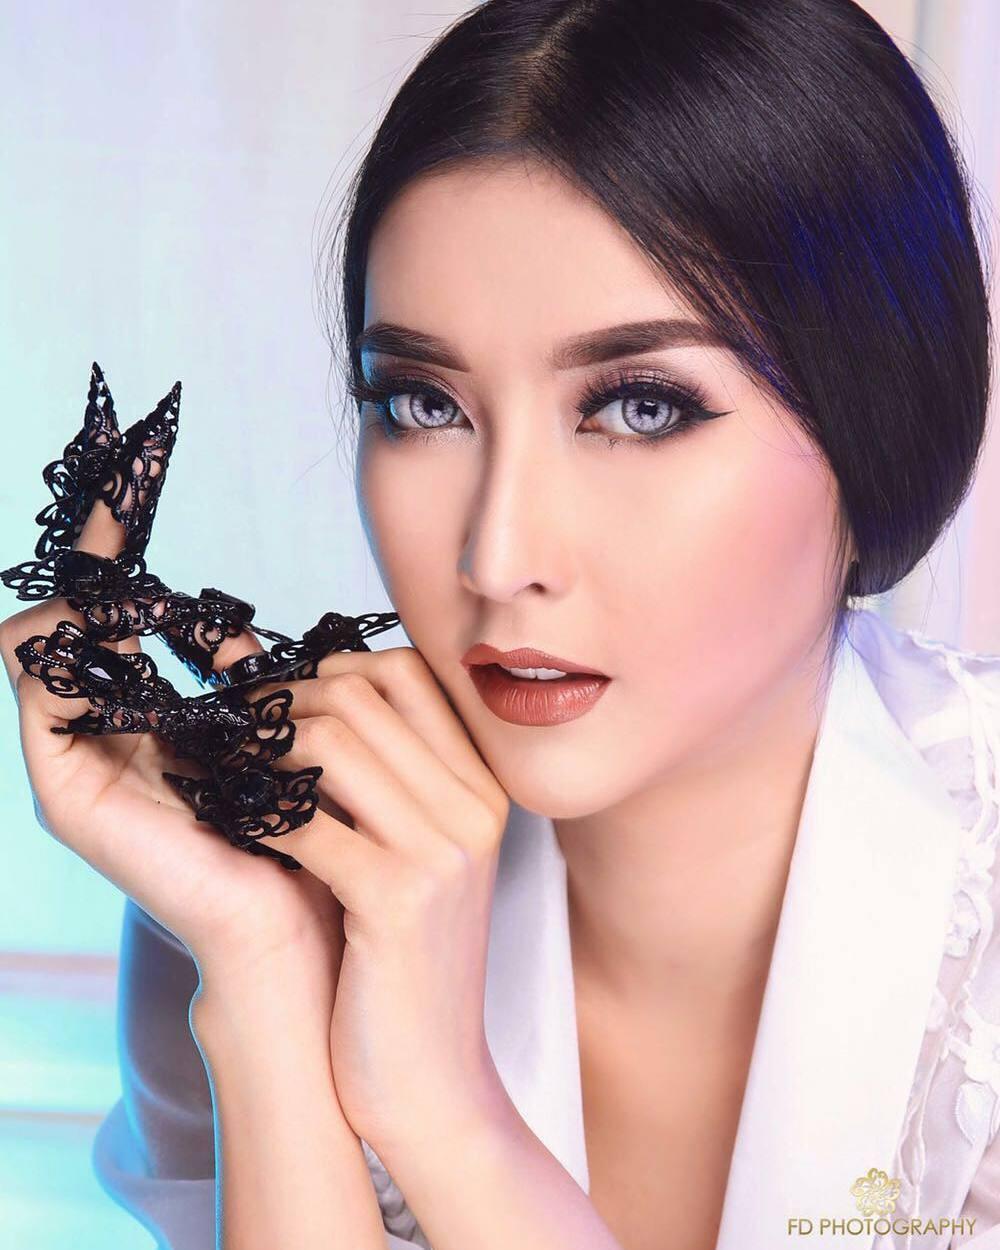 Nhan sắc xinh đẹp của đại diện Indonesia, cô gái đánh bại hơn 70 đối thủ đăng quang Miss International 2017 - Ảnh 4.